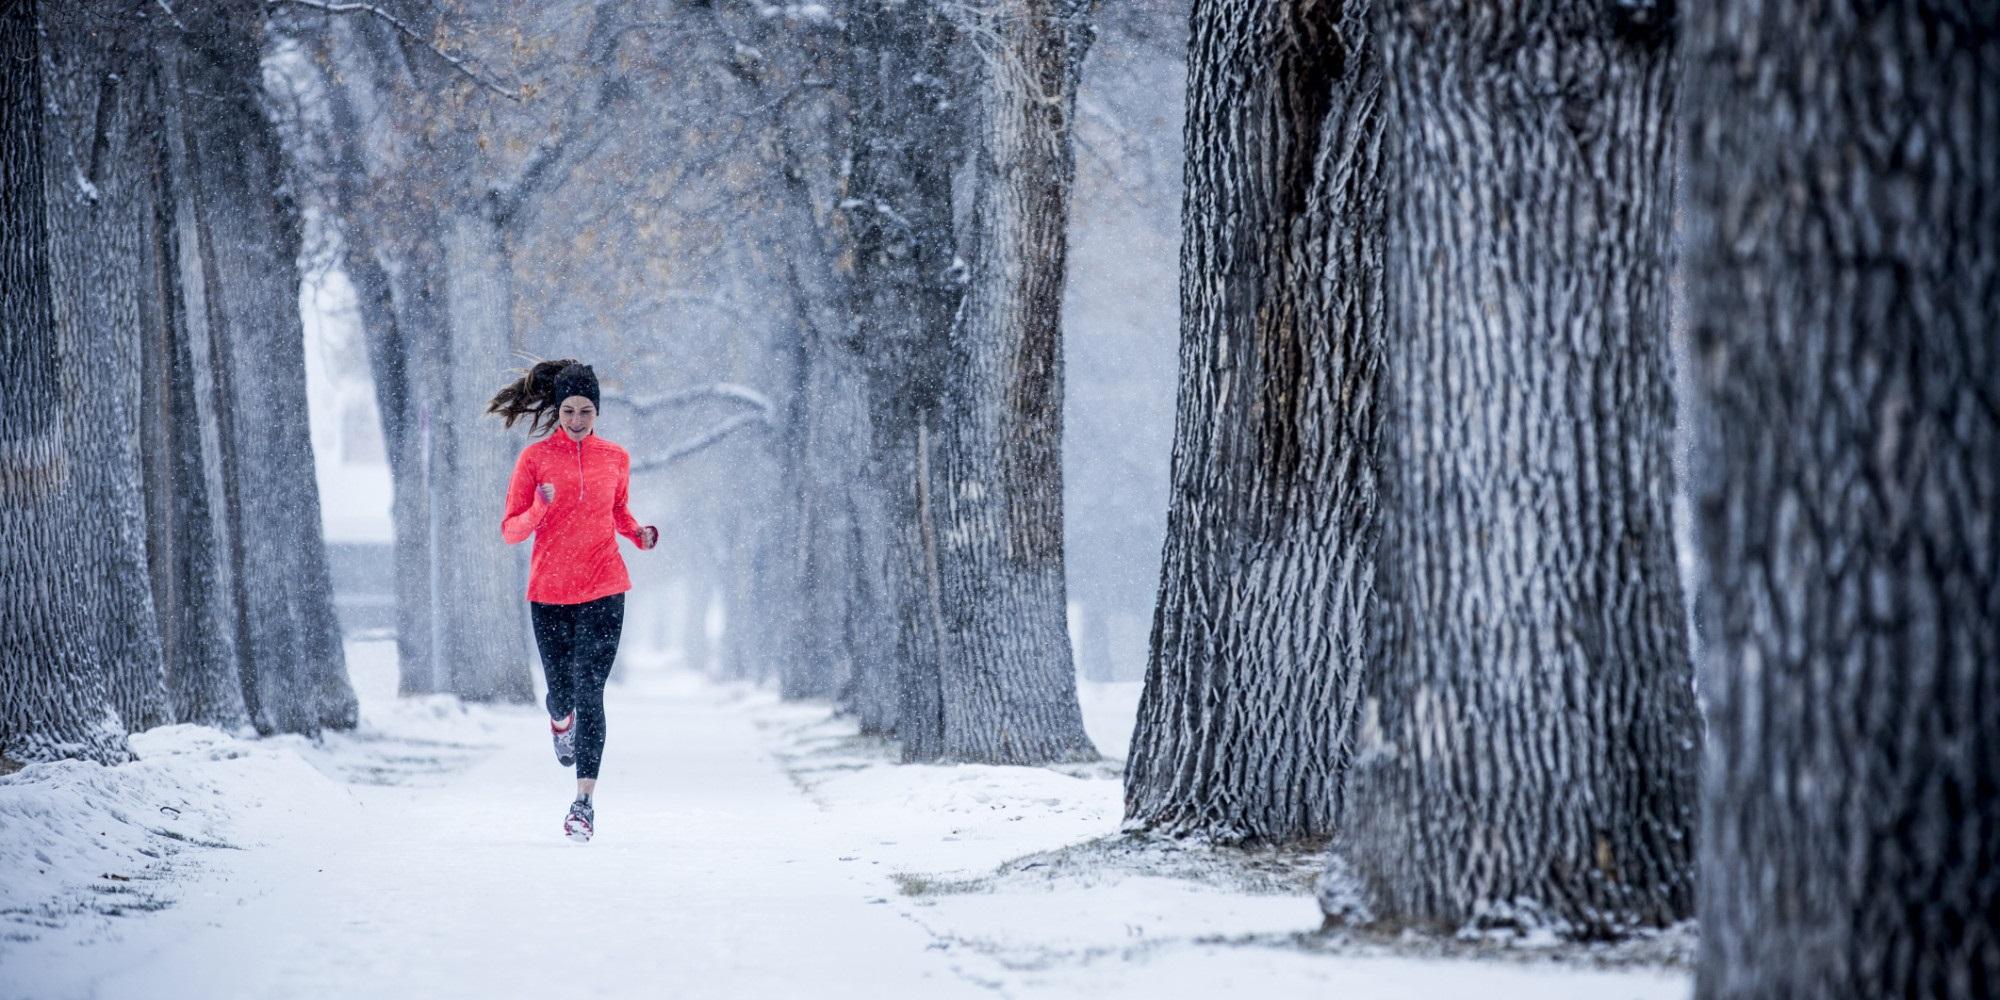 Průvodce běháním #1: Jak běhat v zimě